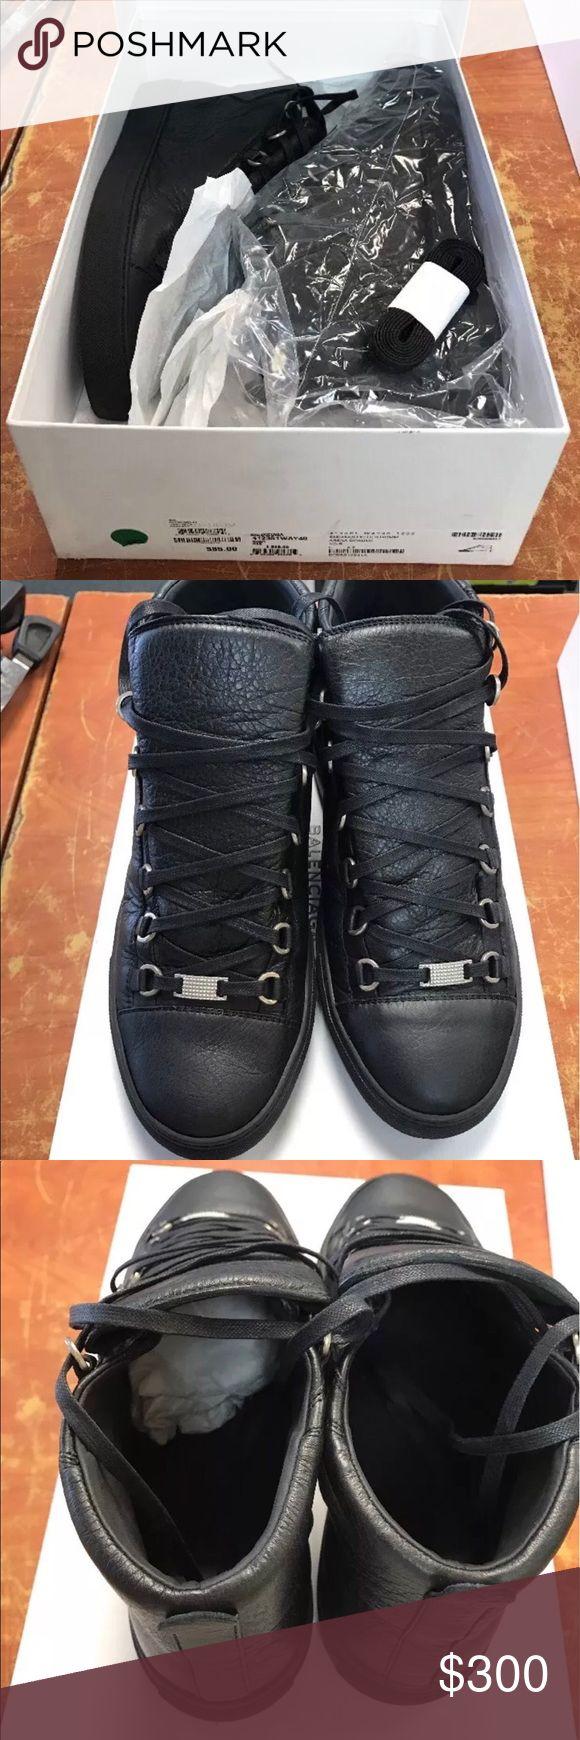 Balenciaga Women's Sneakers - ShopStyle